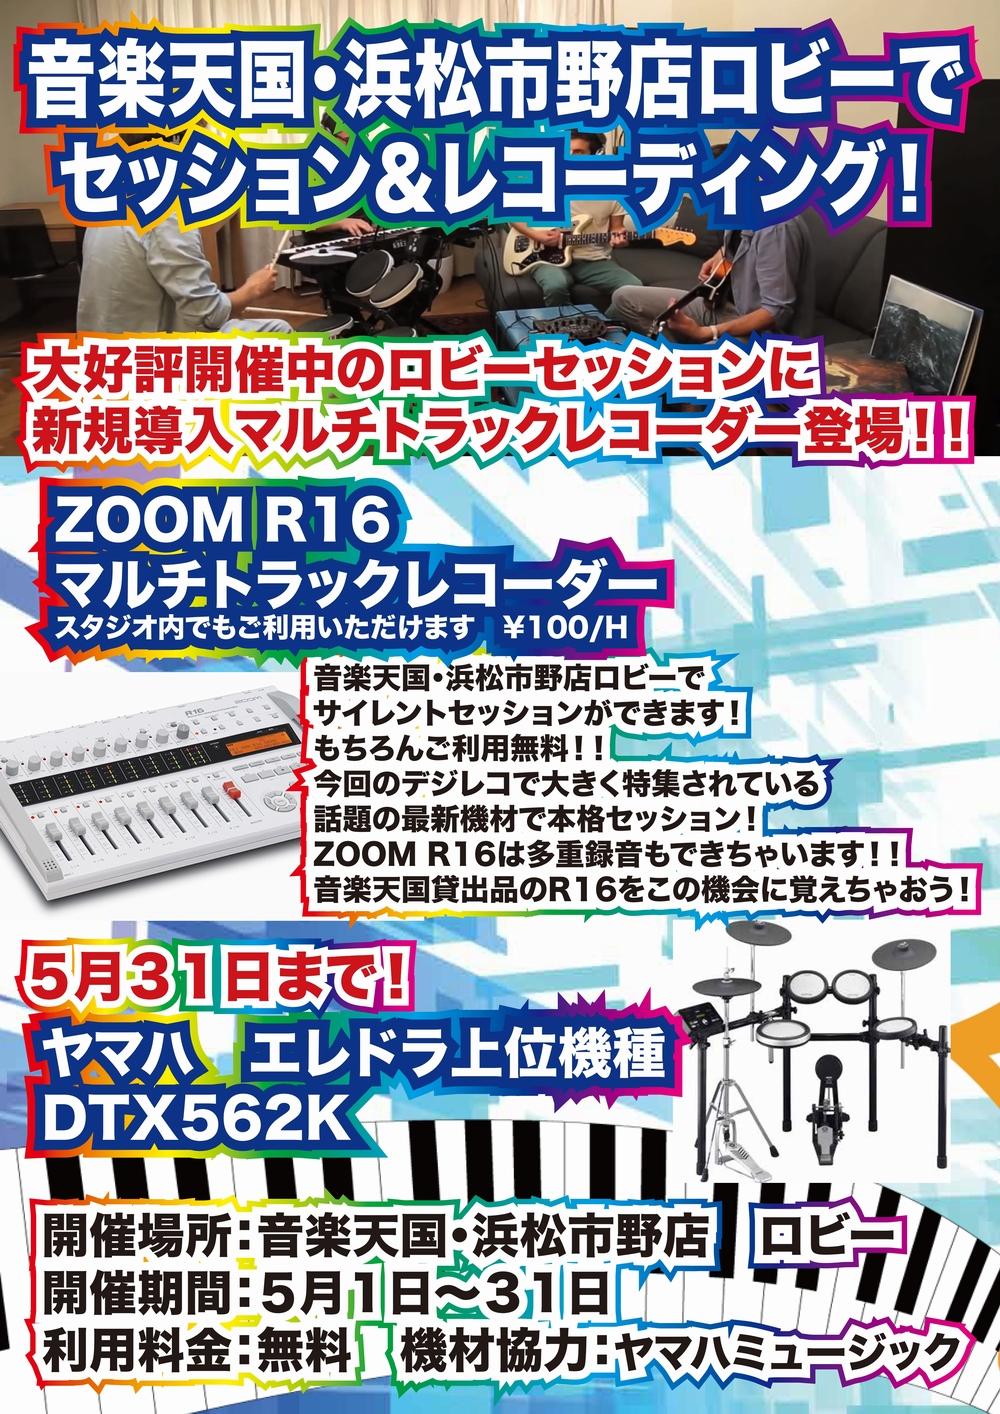 【ロビーセッション&レコーディング】音楽天国・浜松市野店5月31日まで大好評開催中!